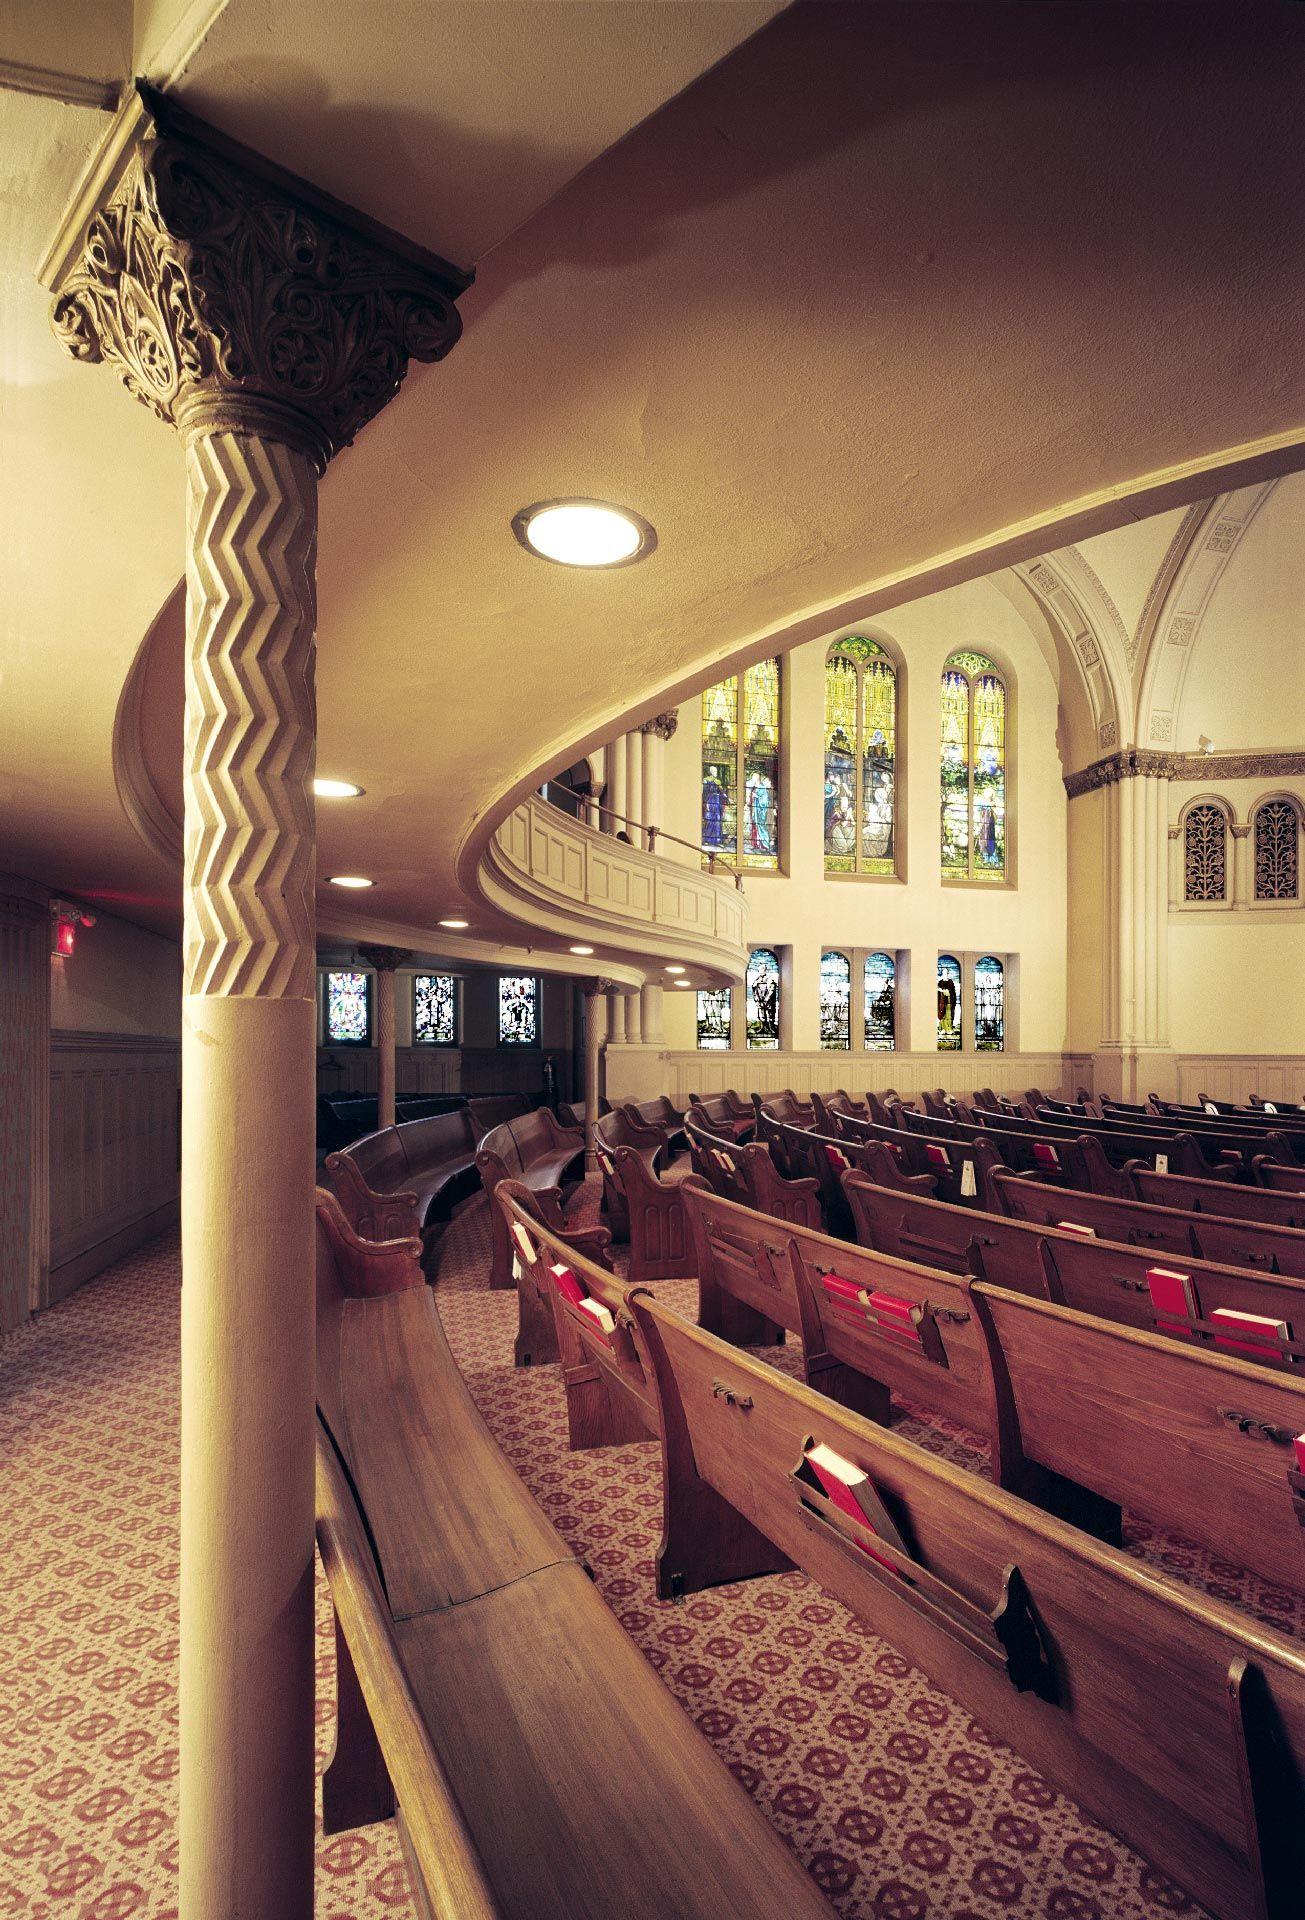 Photo de l'intérieur de l'ancienne église Erskine and American, vue des anciens bancs